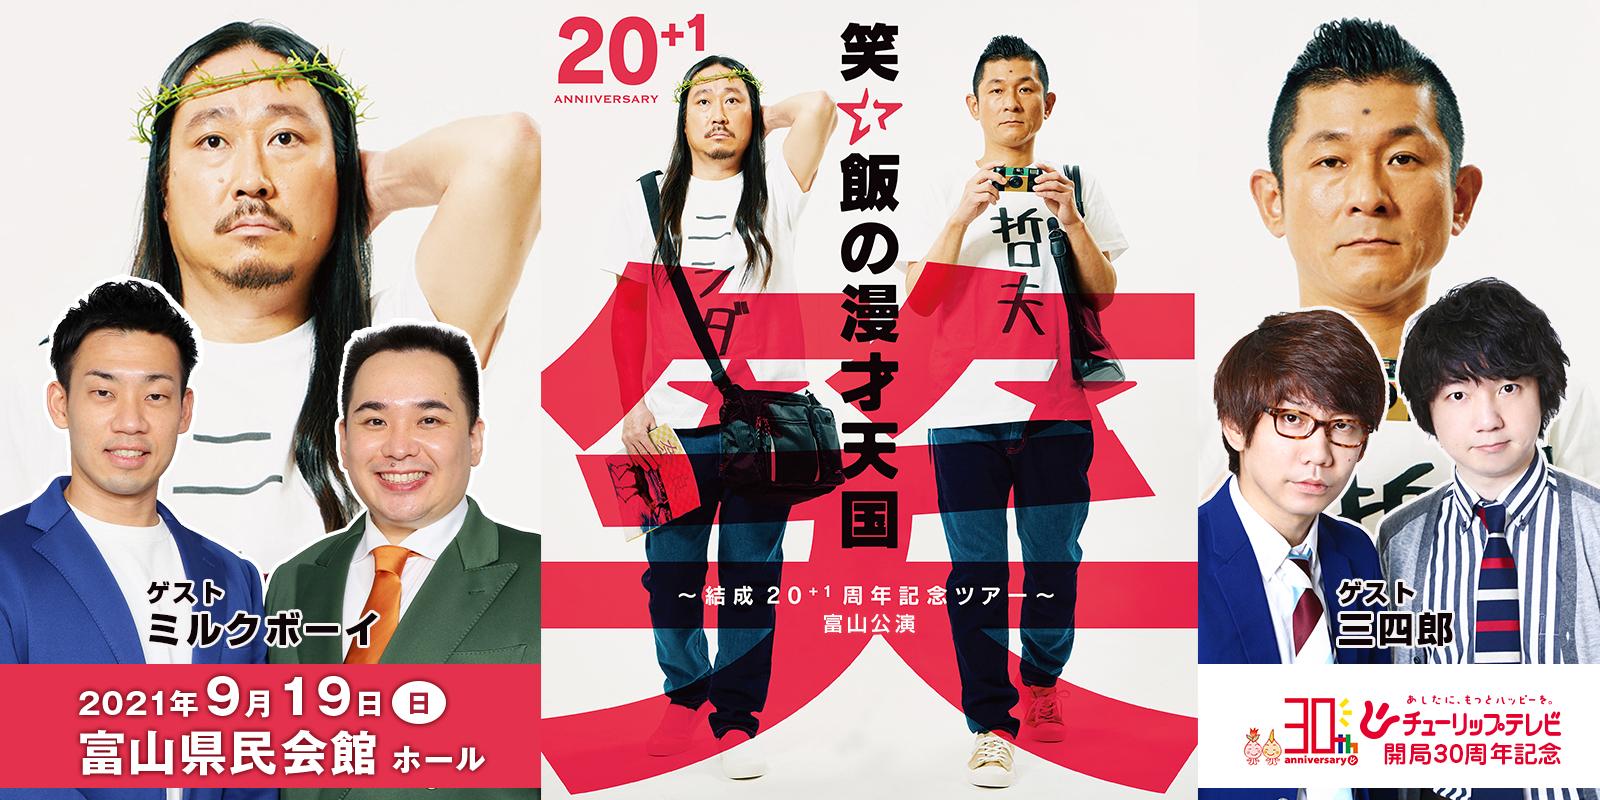 笑い飯の漫才天国~結成20+1周年記念ツアー~ 富山公演